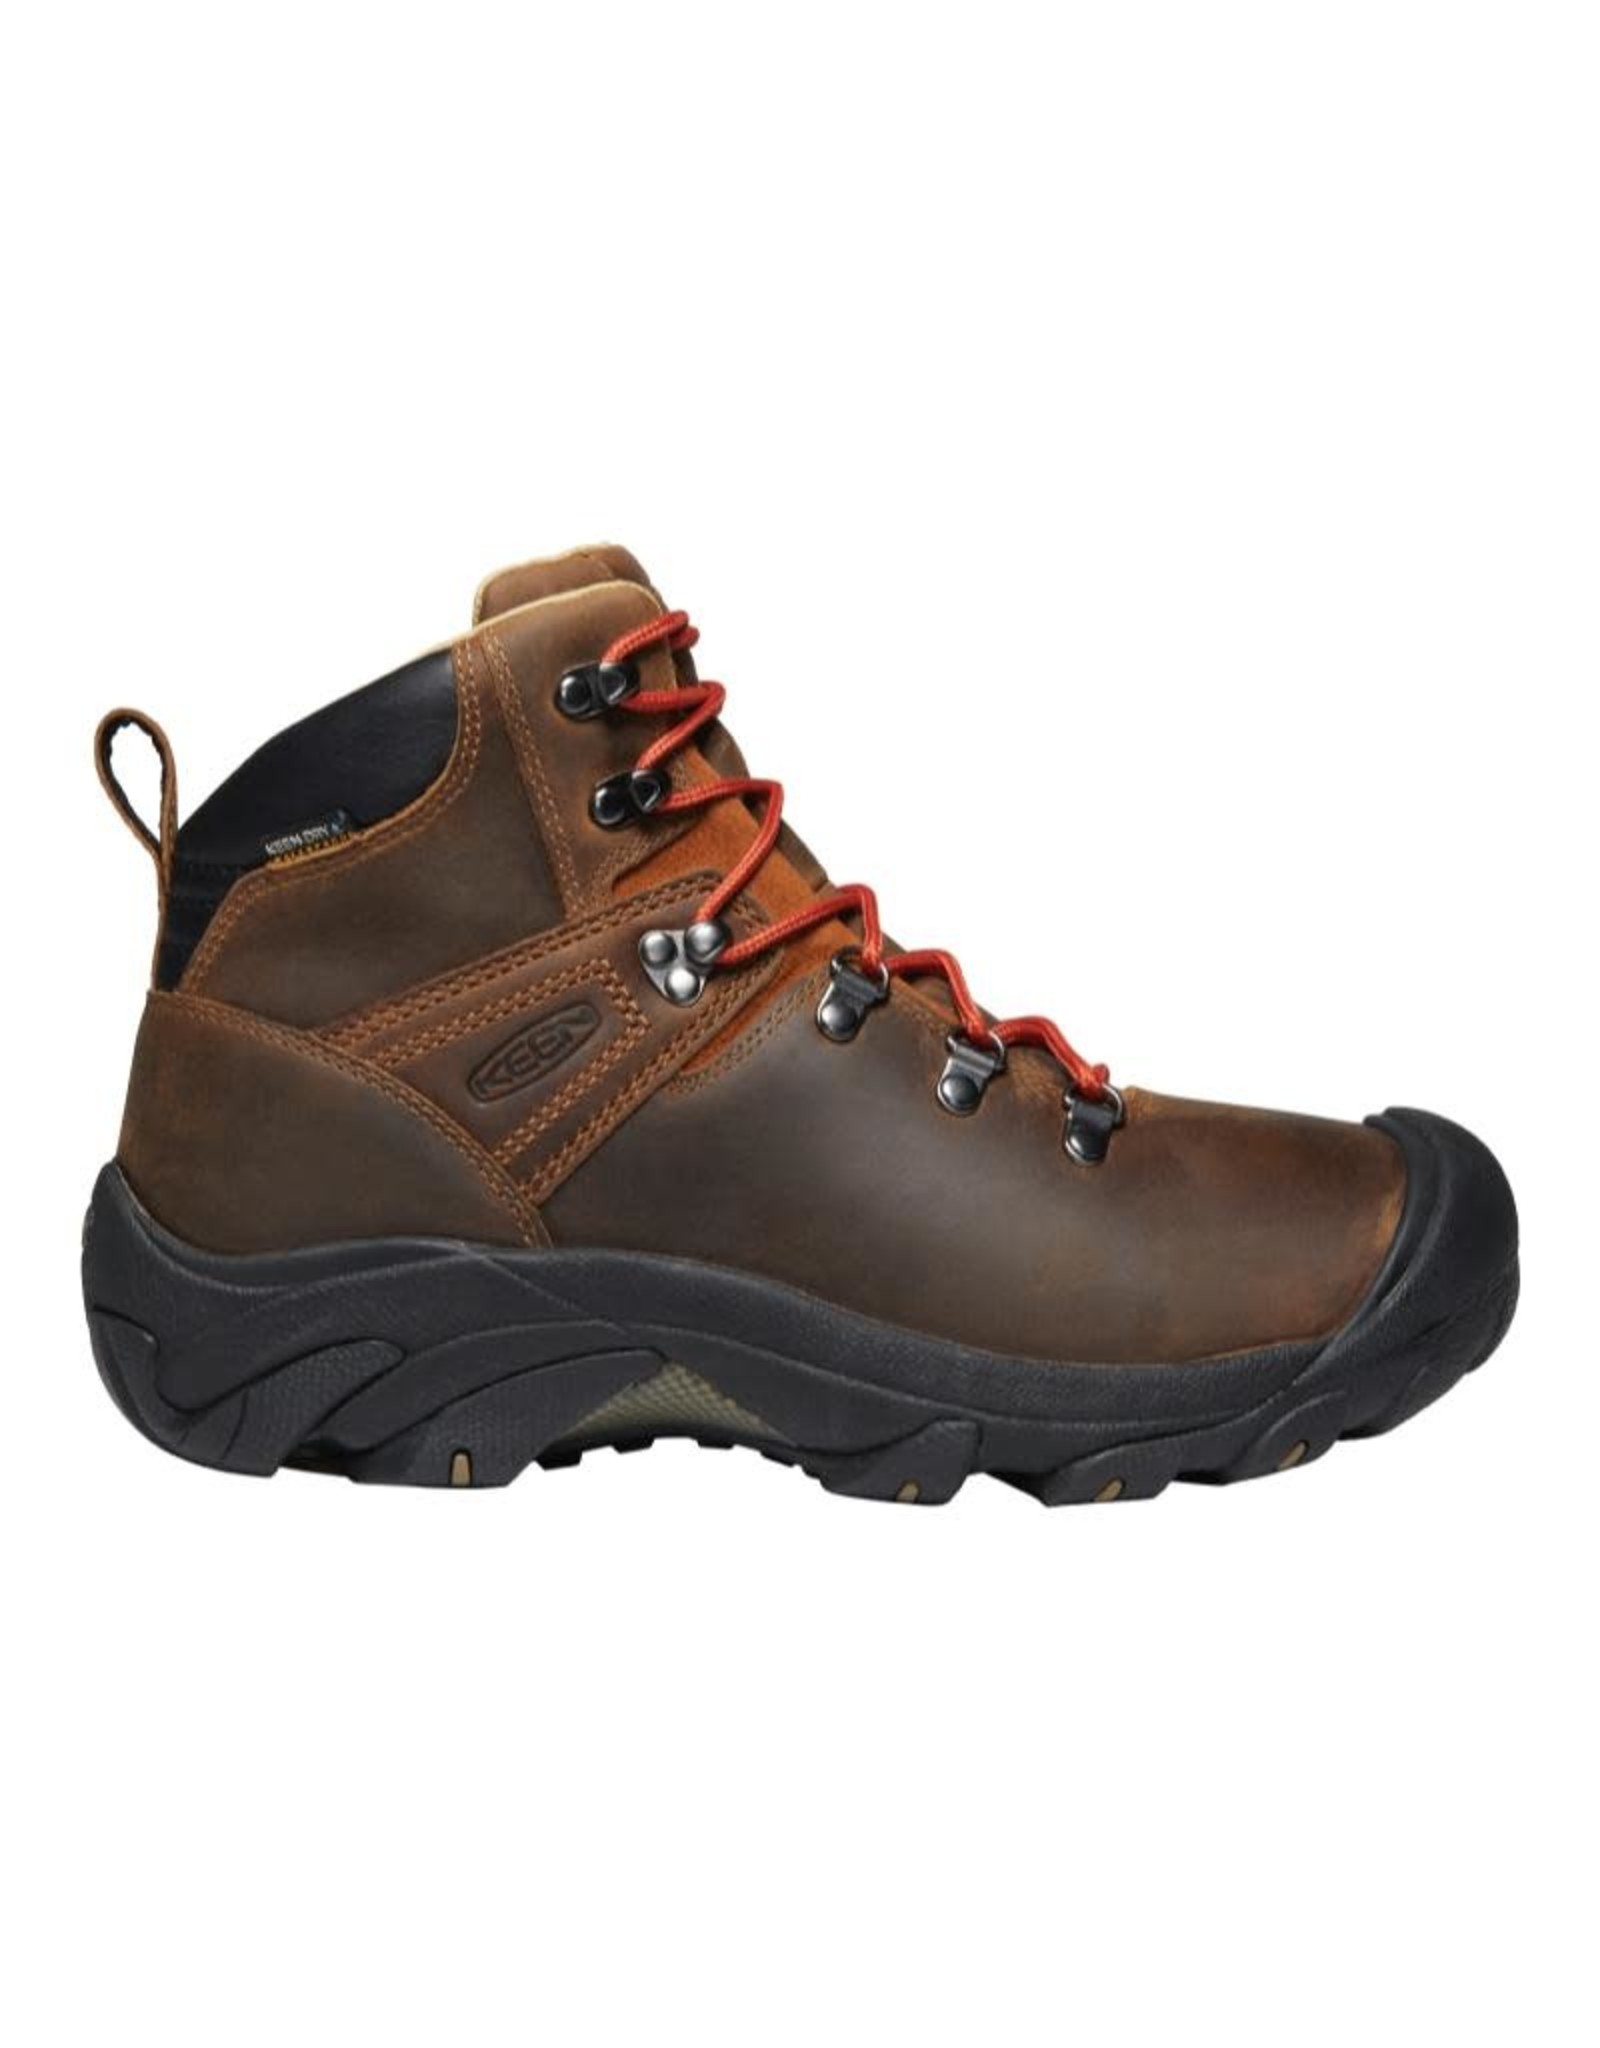 Keen Men's Pyrenees Boot